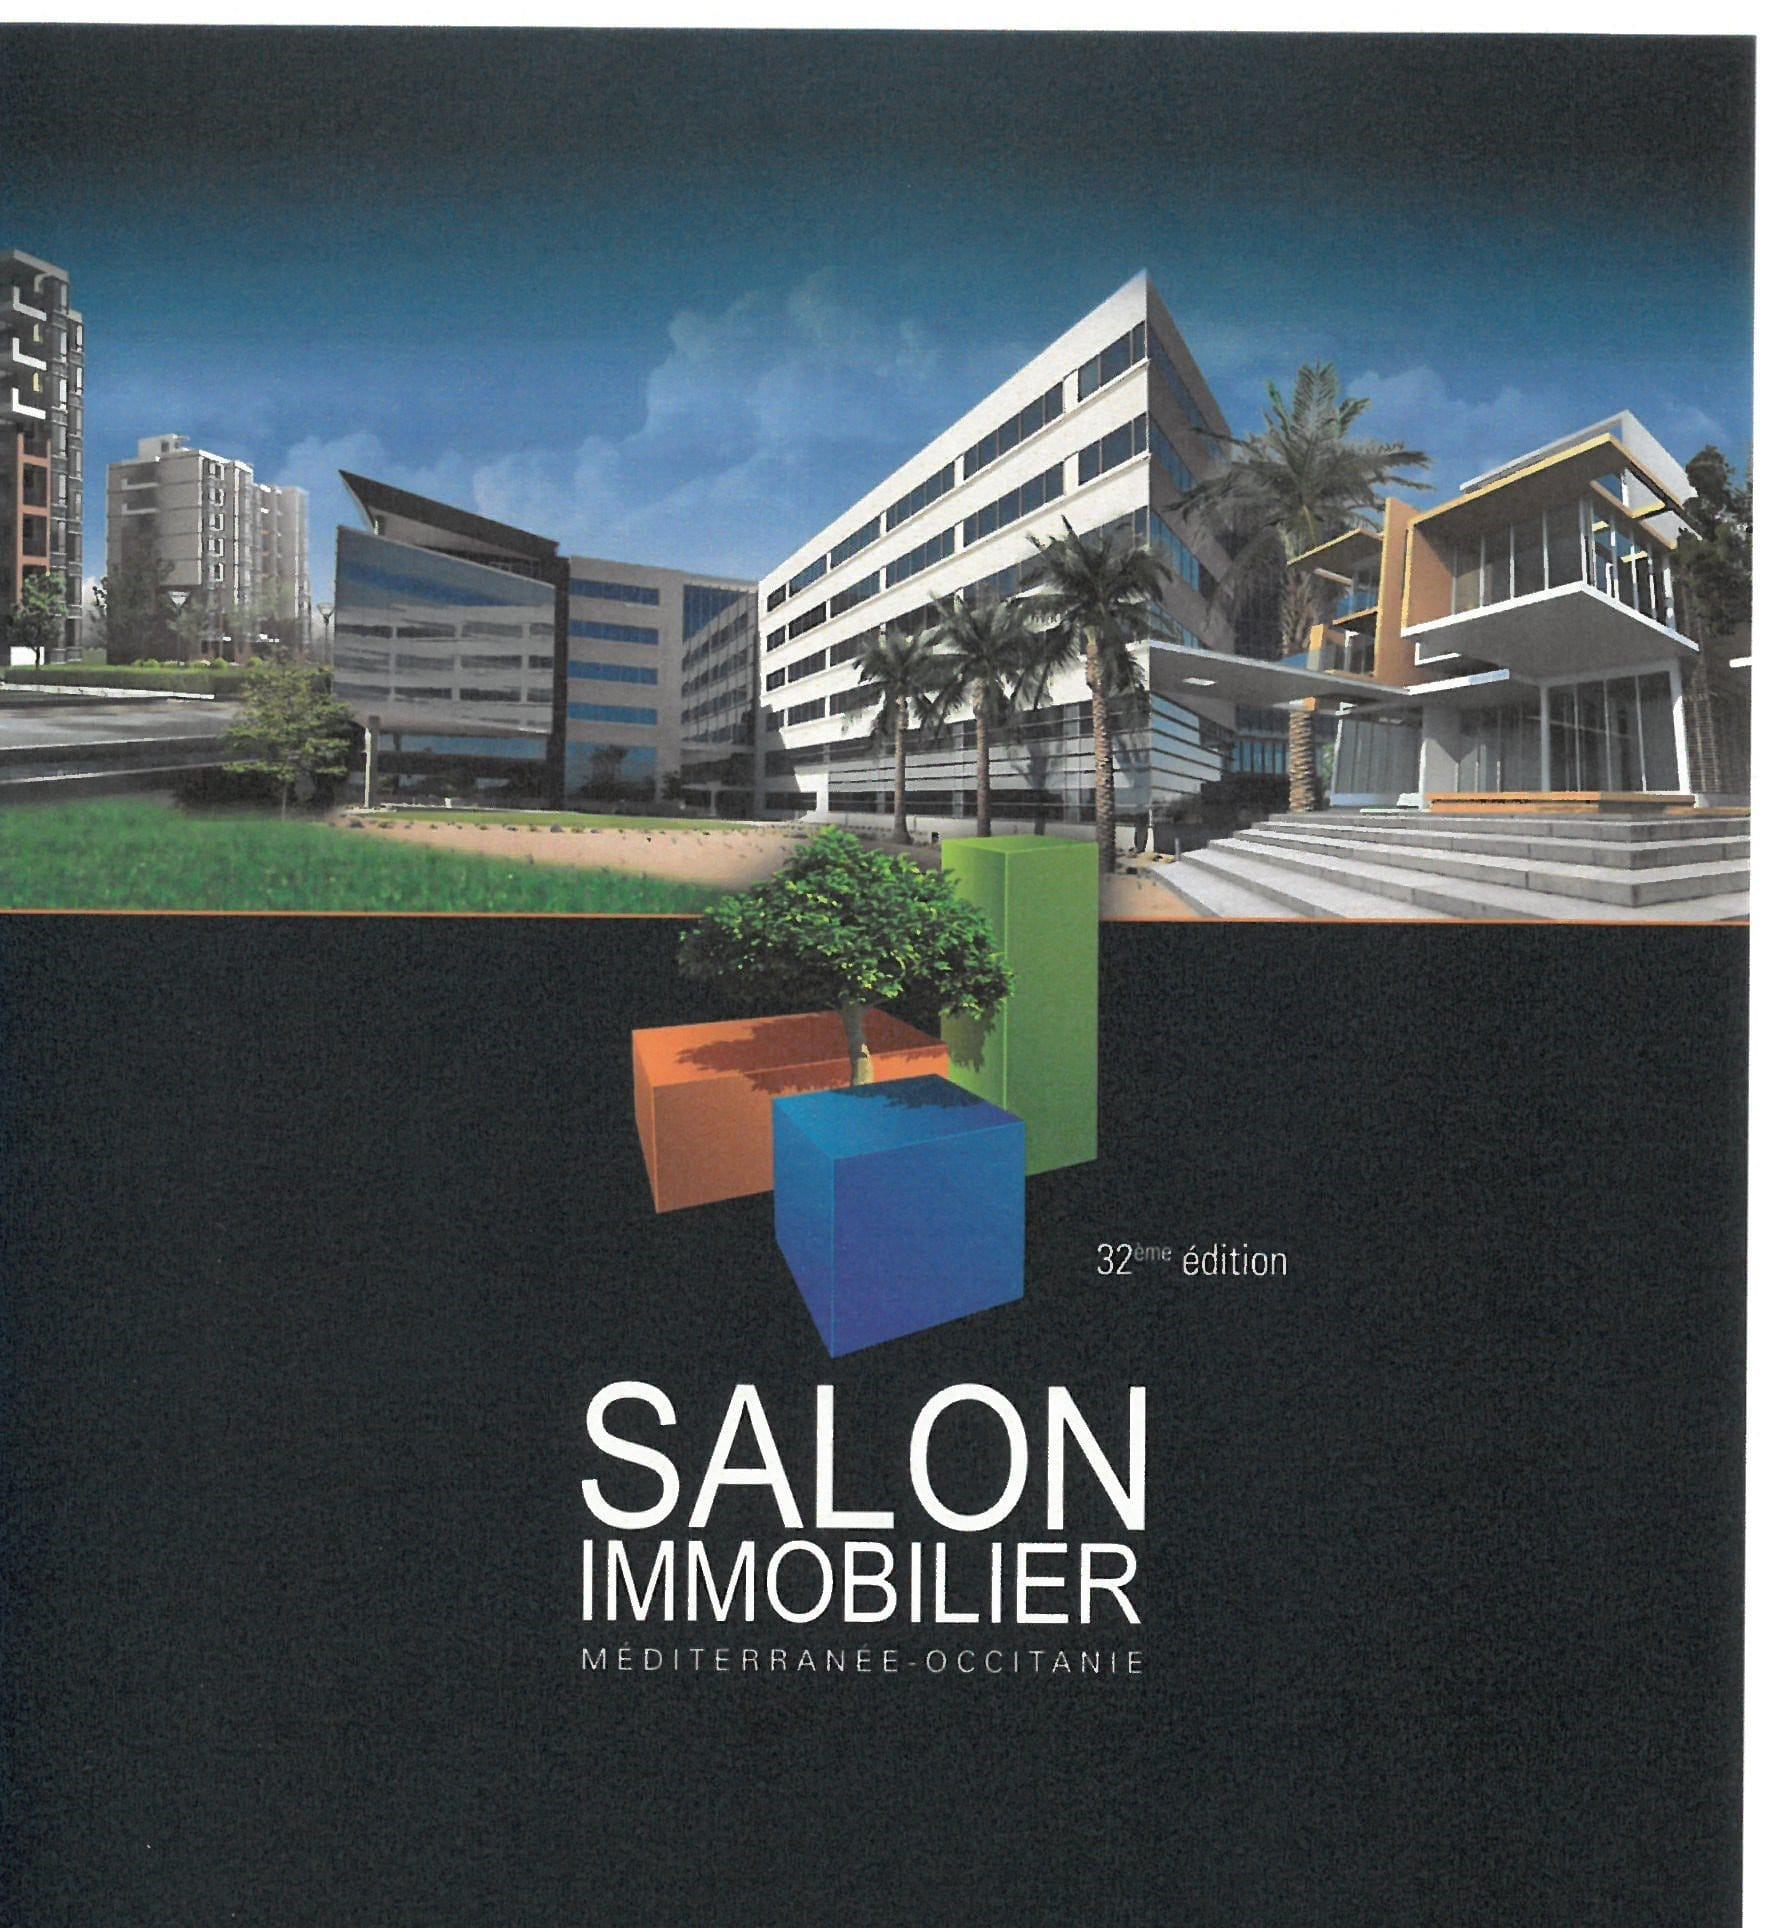 Salon de l'immobilier Méditerranée Occitanie 32e édition